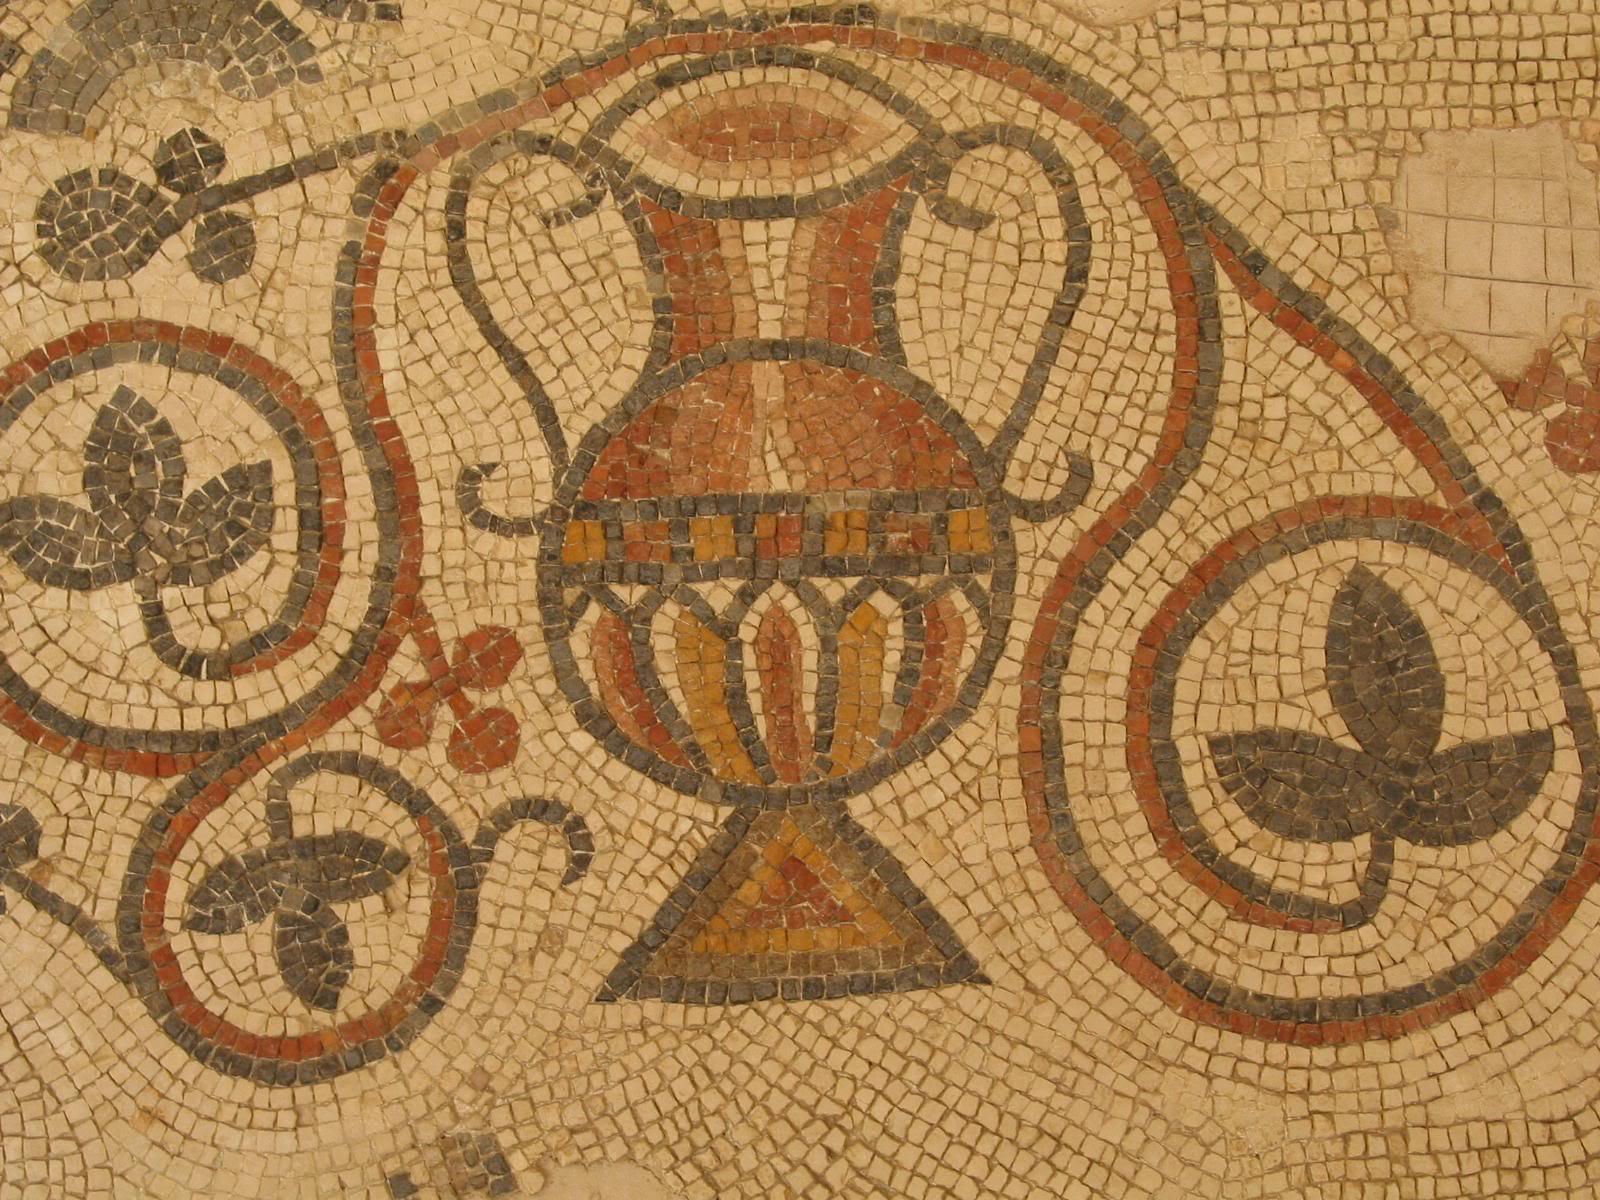 Материалы для отделки: декоративная мозаика смальта